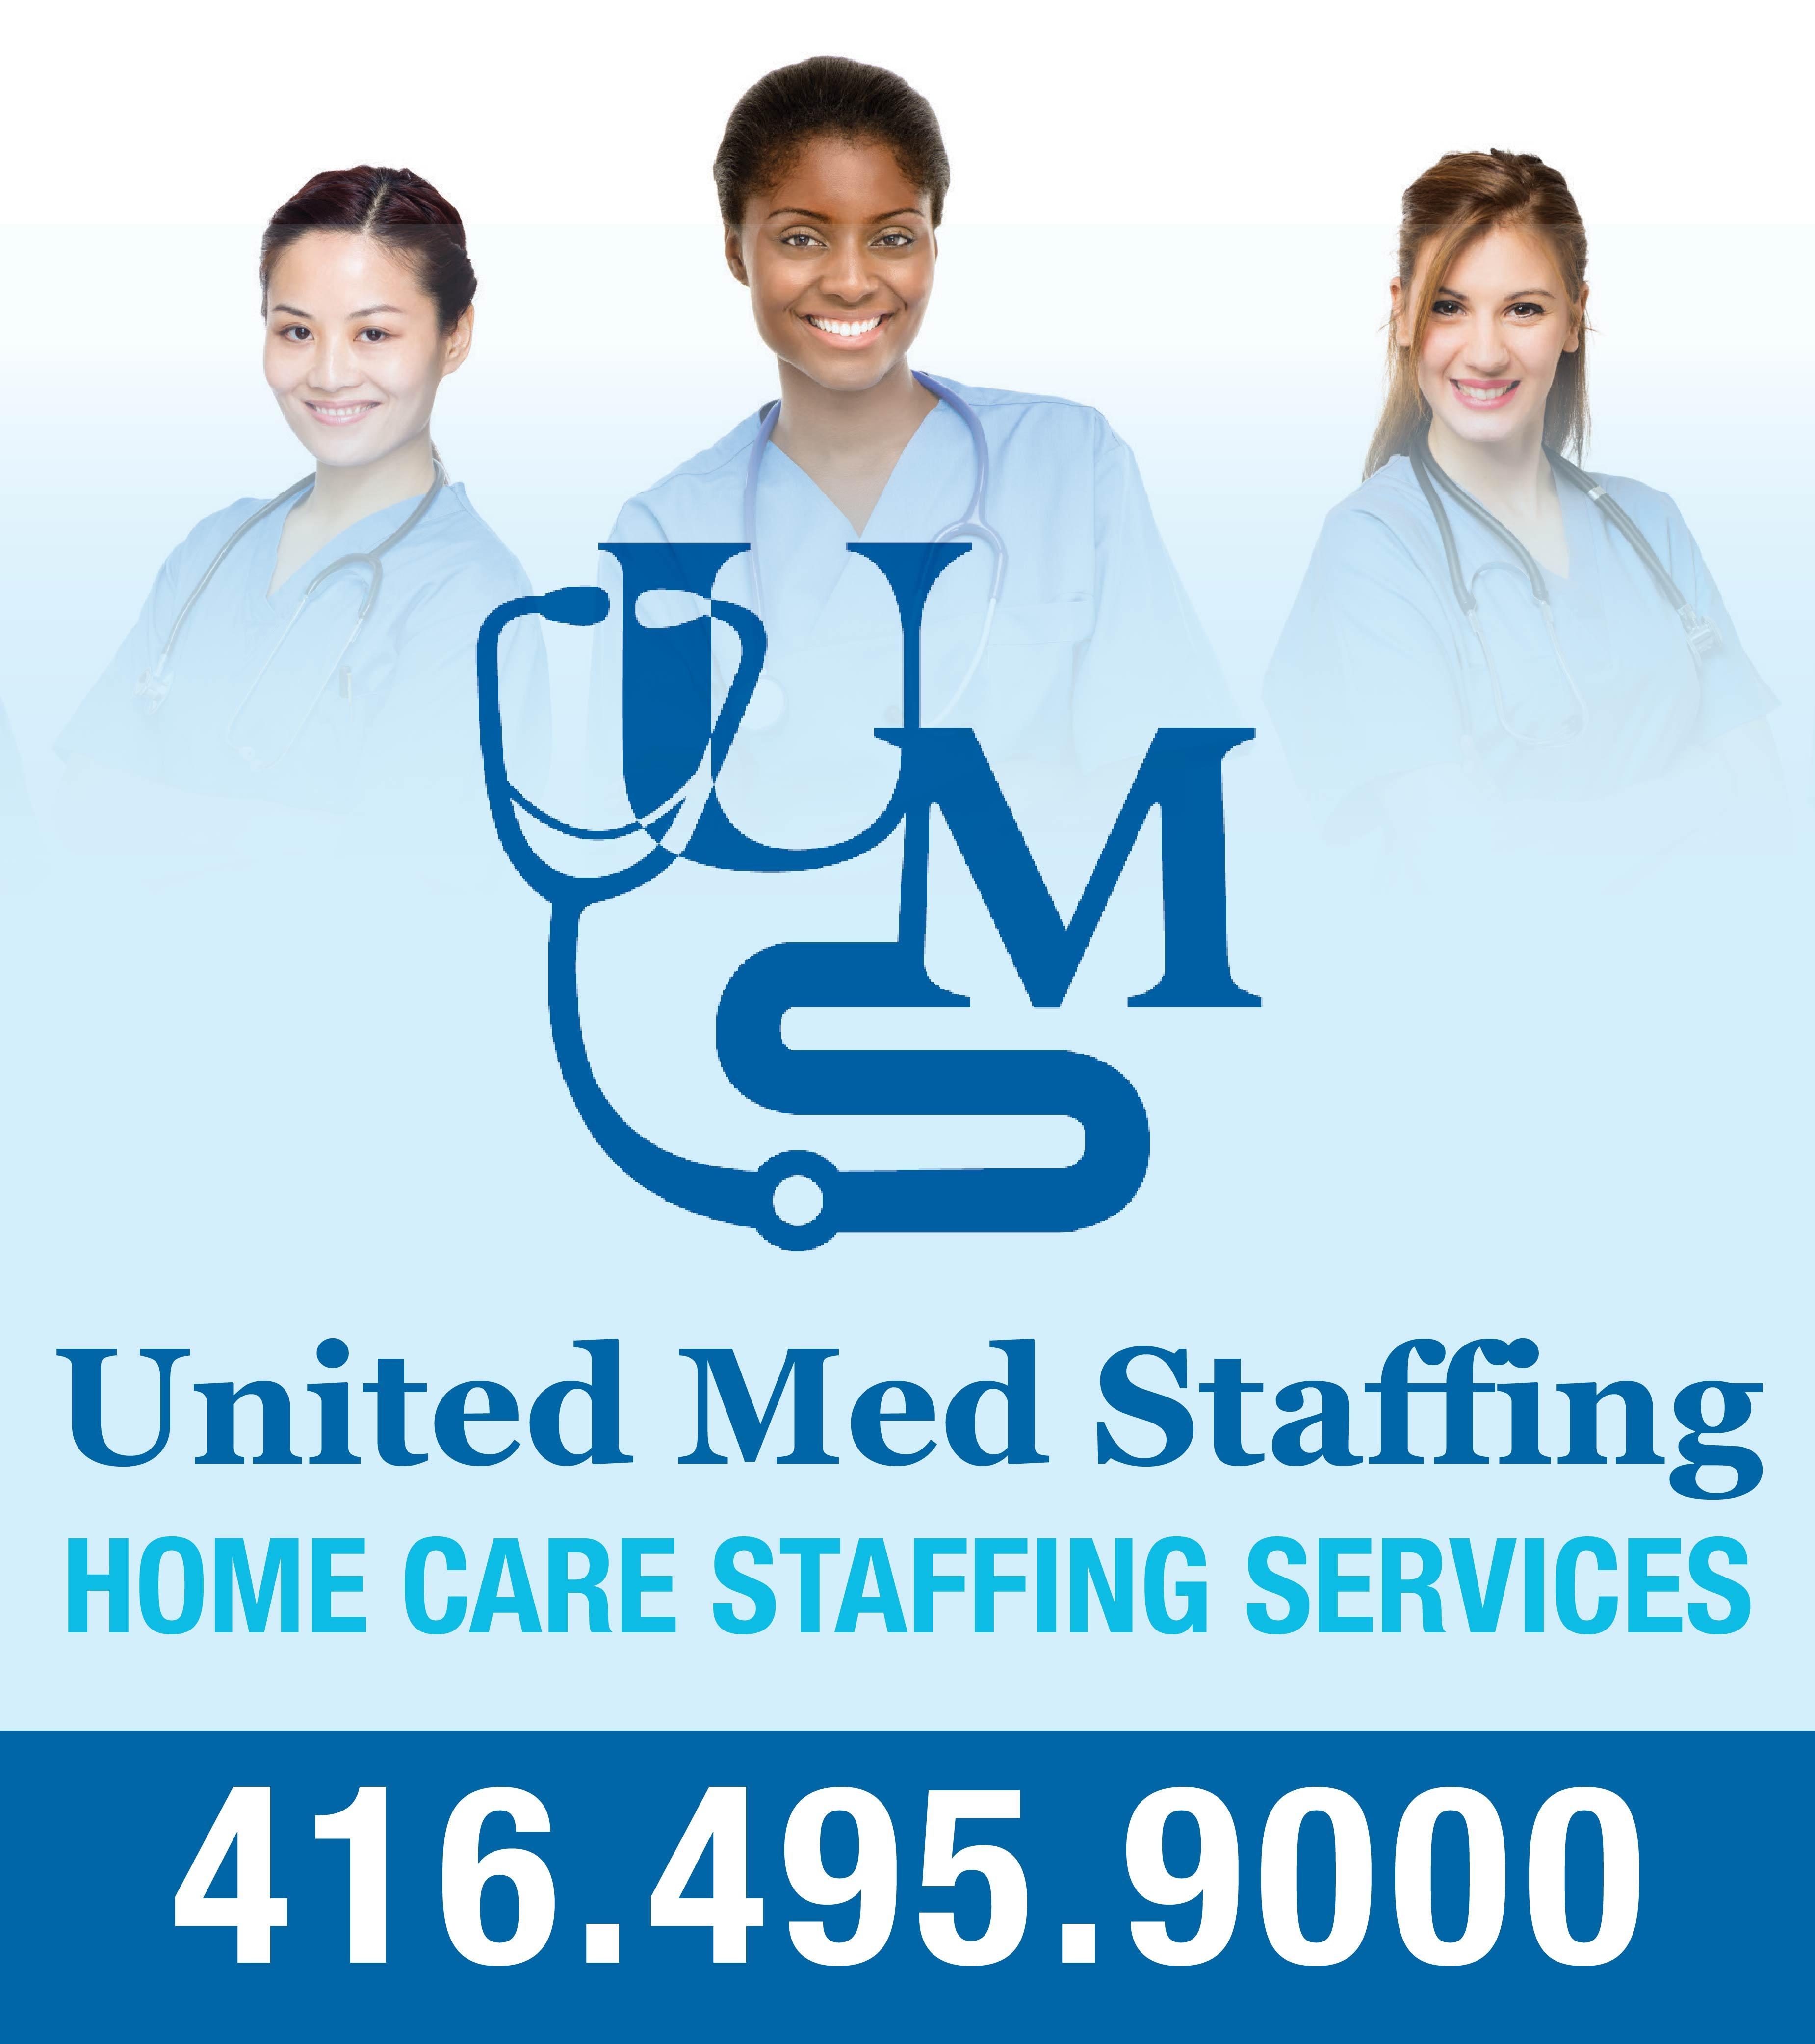 United Med Staffing